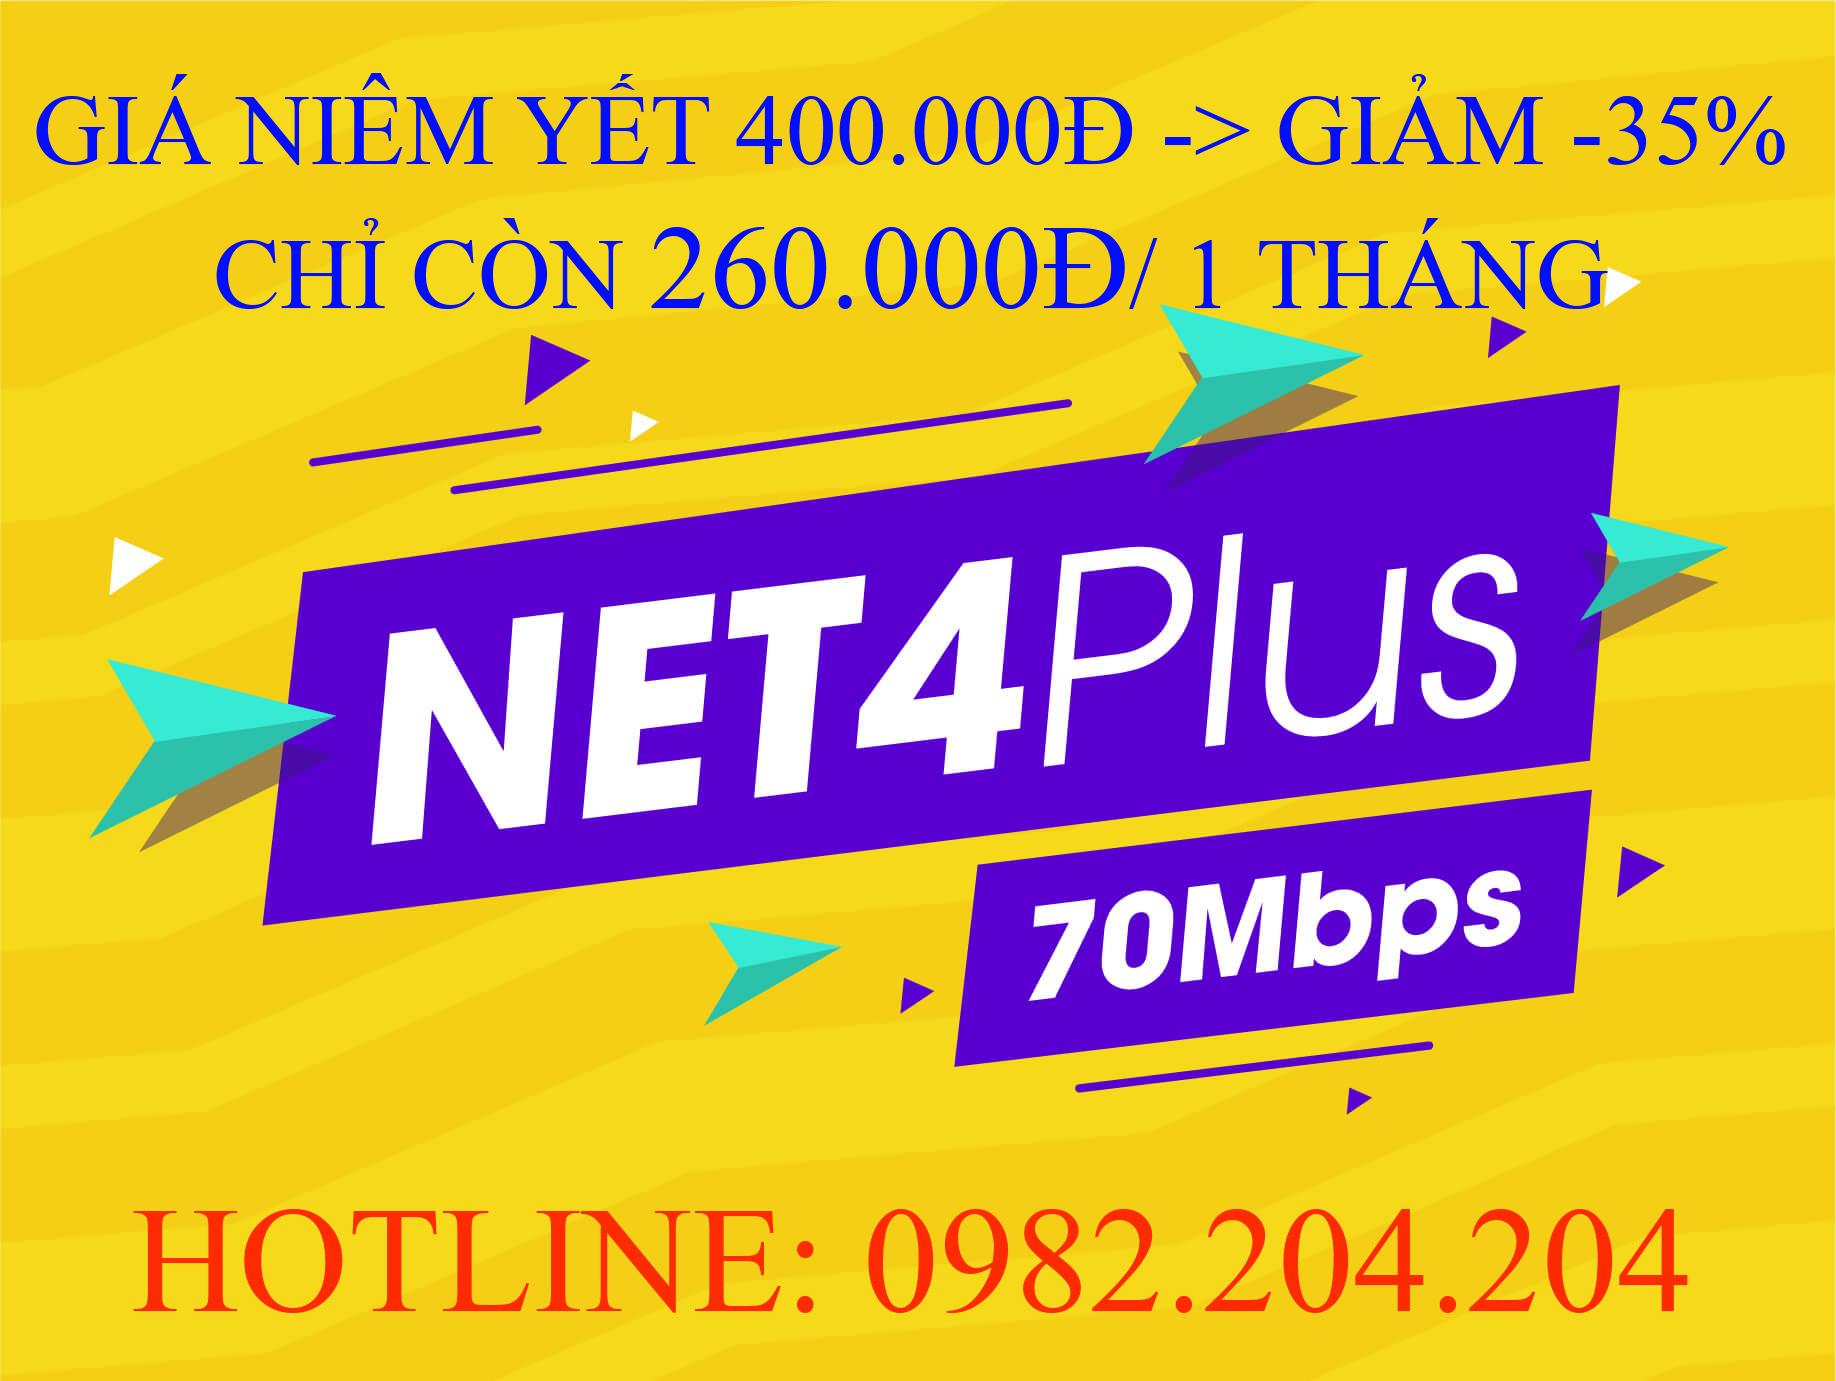 Tổng đài lắp mạng Viettel 0982204204 Cung Cấp Gói Net 4 plus